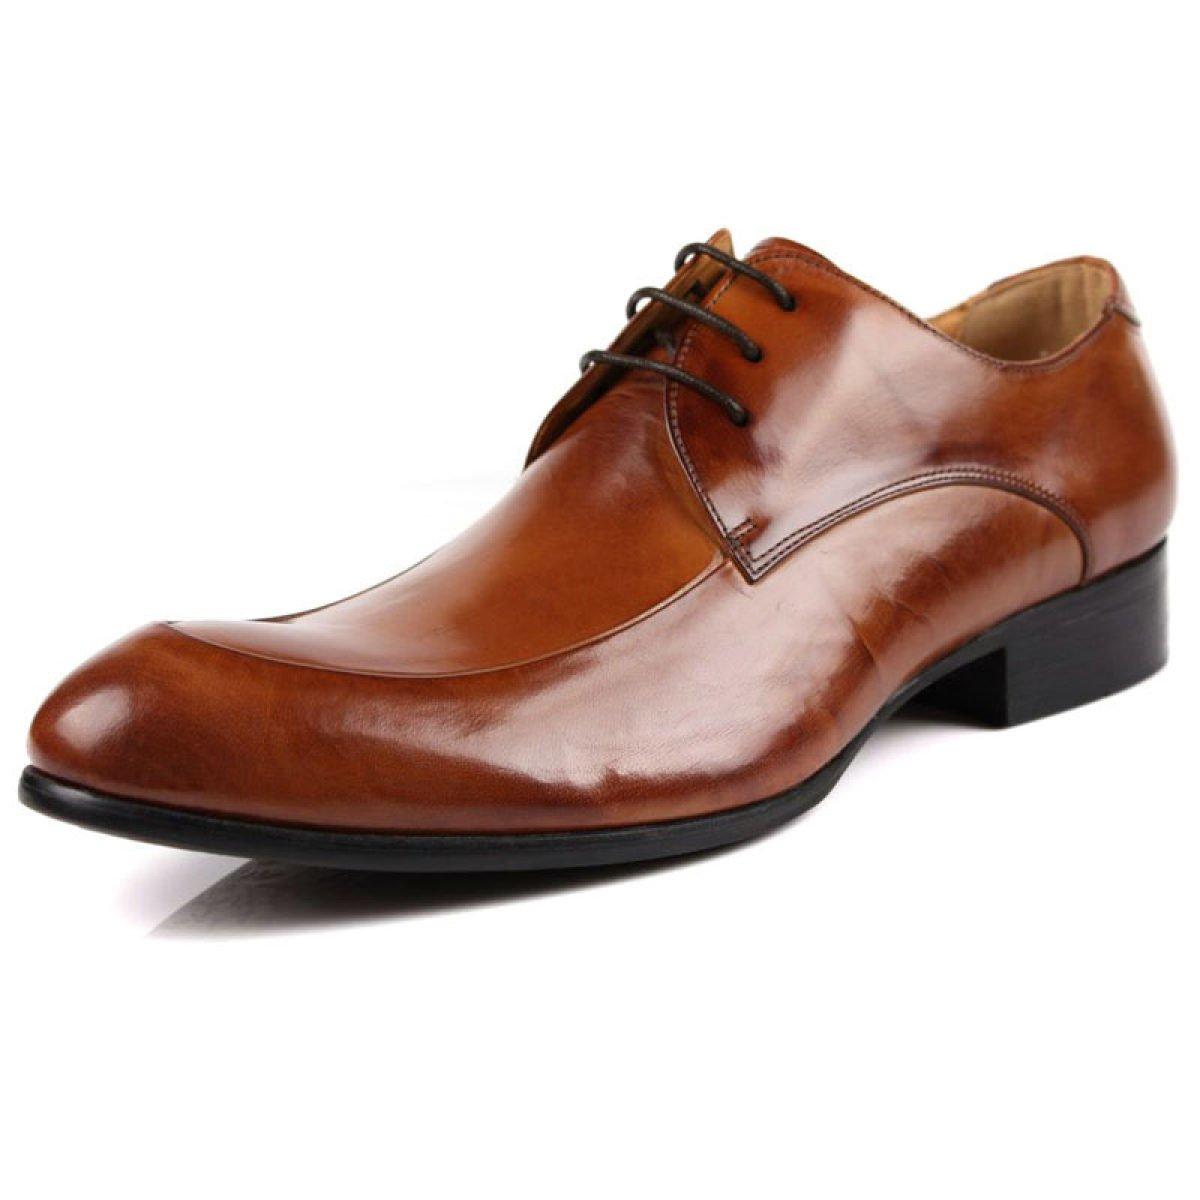 Leder Herrenschuhe England Spitz Geschäft Kleid Schuhe Spitze Mode Geschnitzte Schuhe Braun